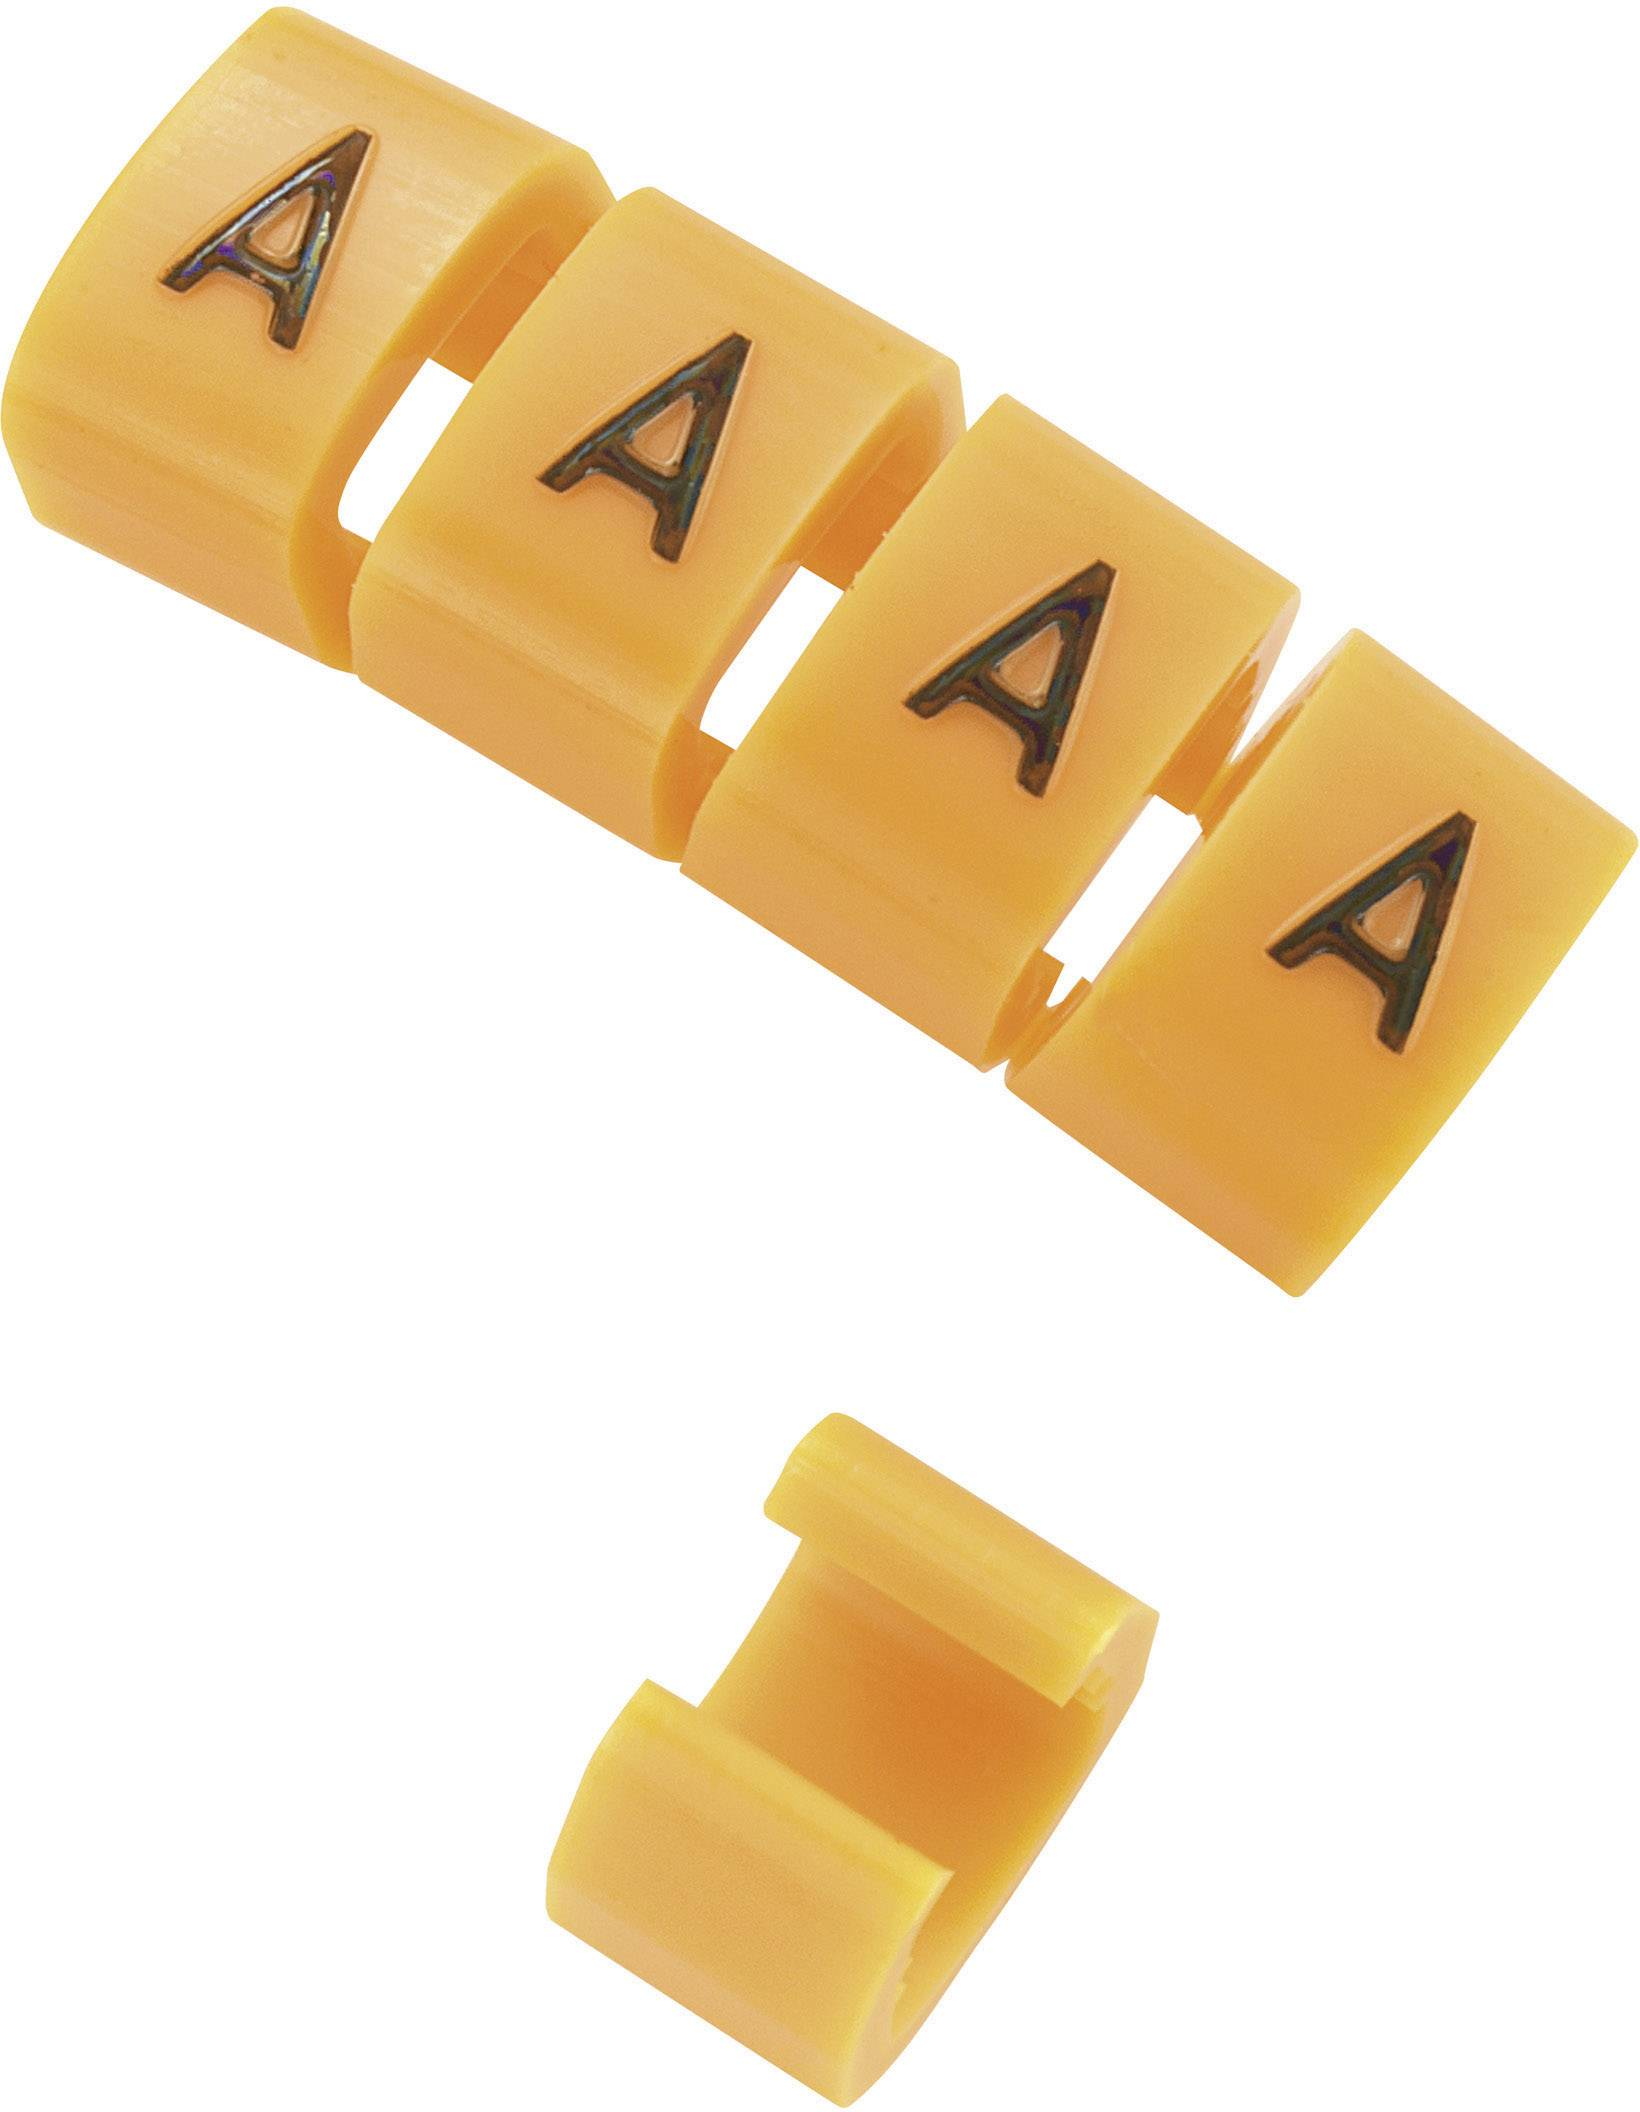 Označovacie objímka na káble KSS MB2/T, oranžová, 10 ks